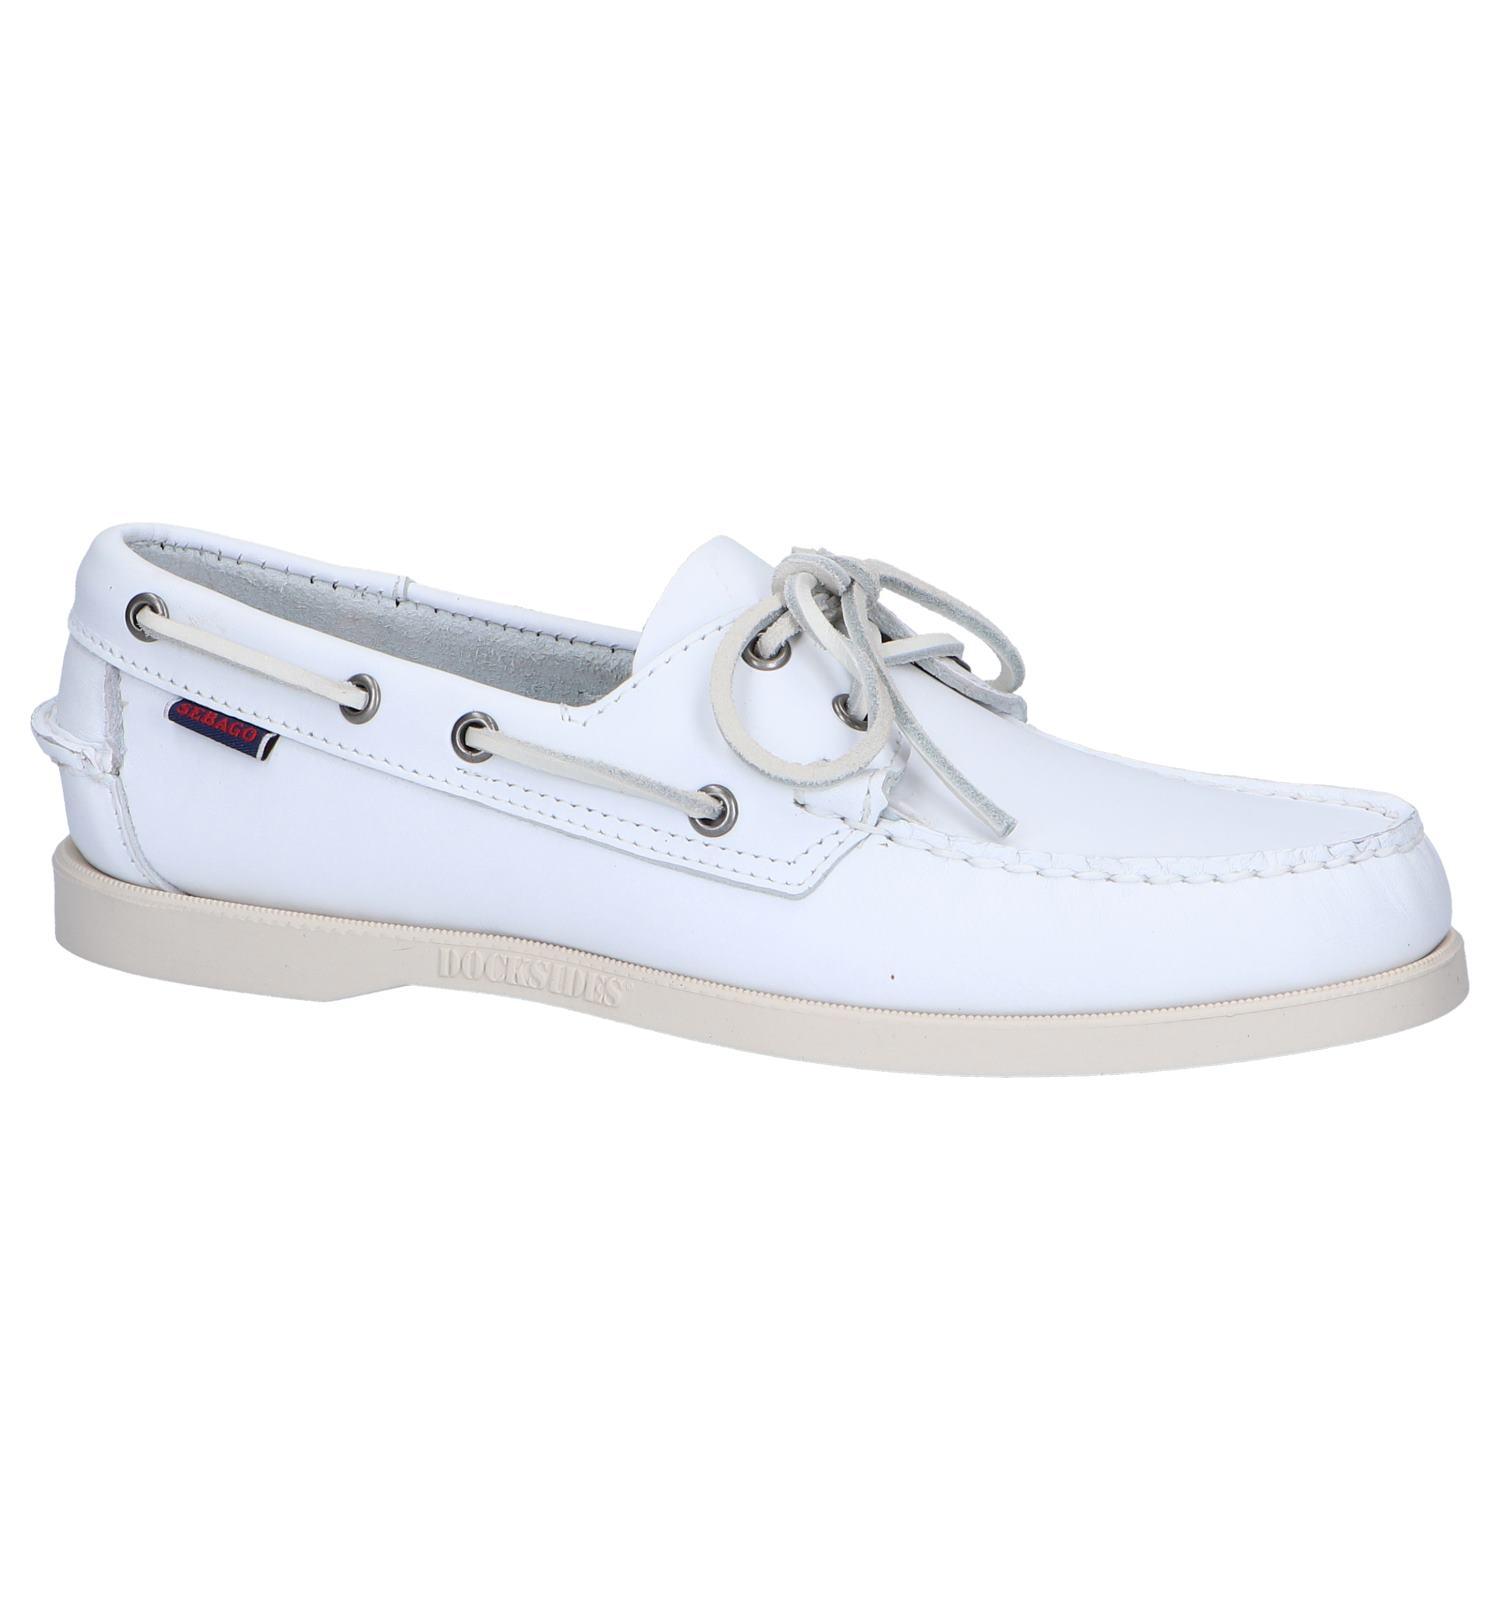 Witte Bootschoenen Sebago Dockside | TORFS.BE | Gratis verzend en retour